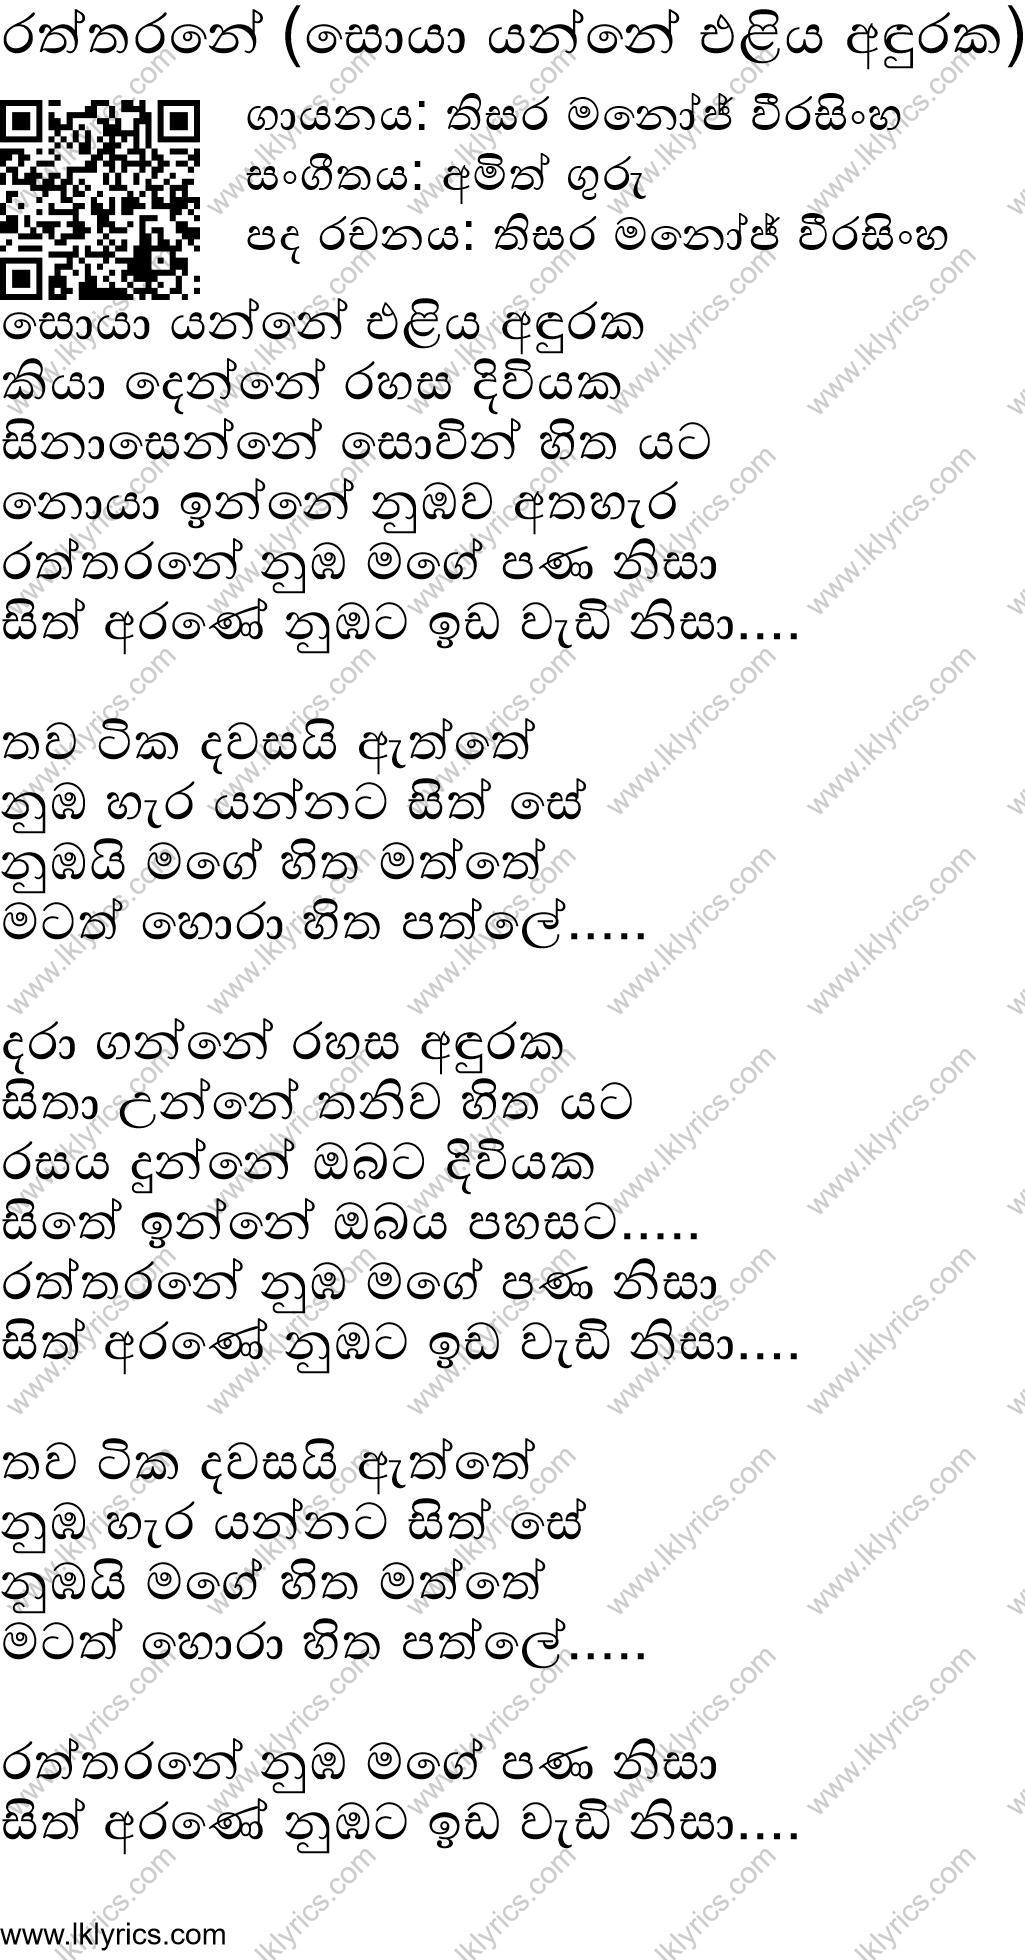 Raththarane Soya Yanne Eliya Aduraka Lyrics Lk Lyrics